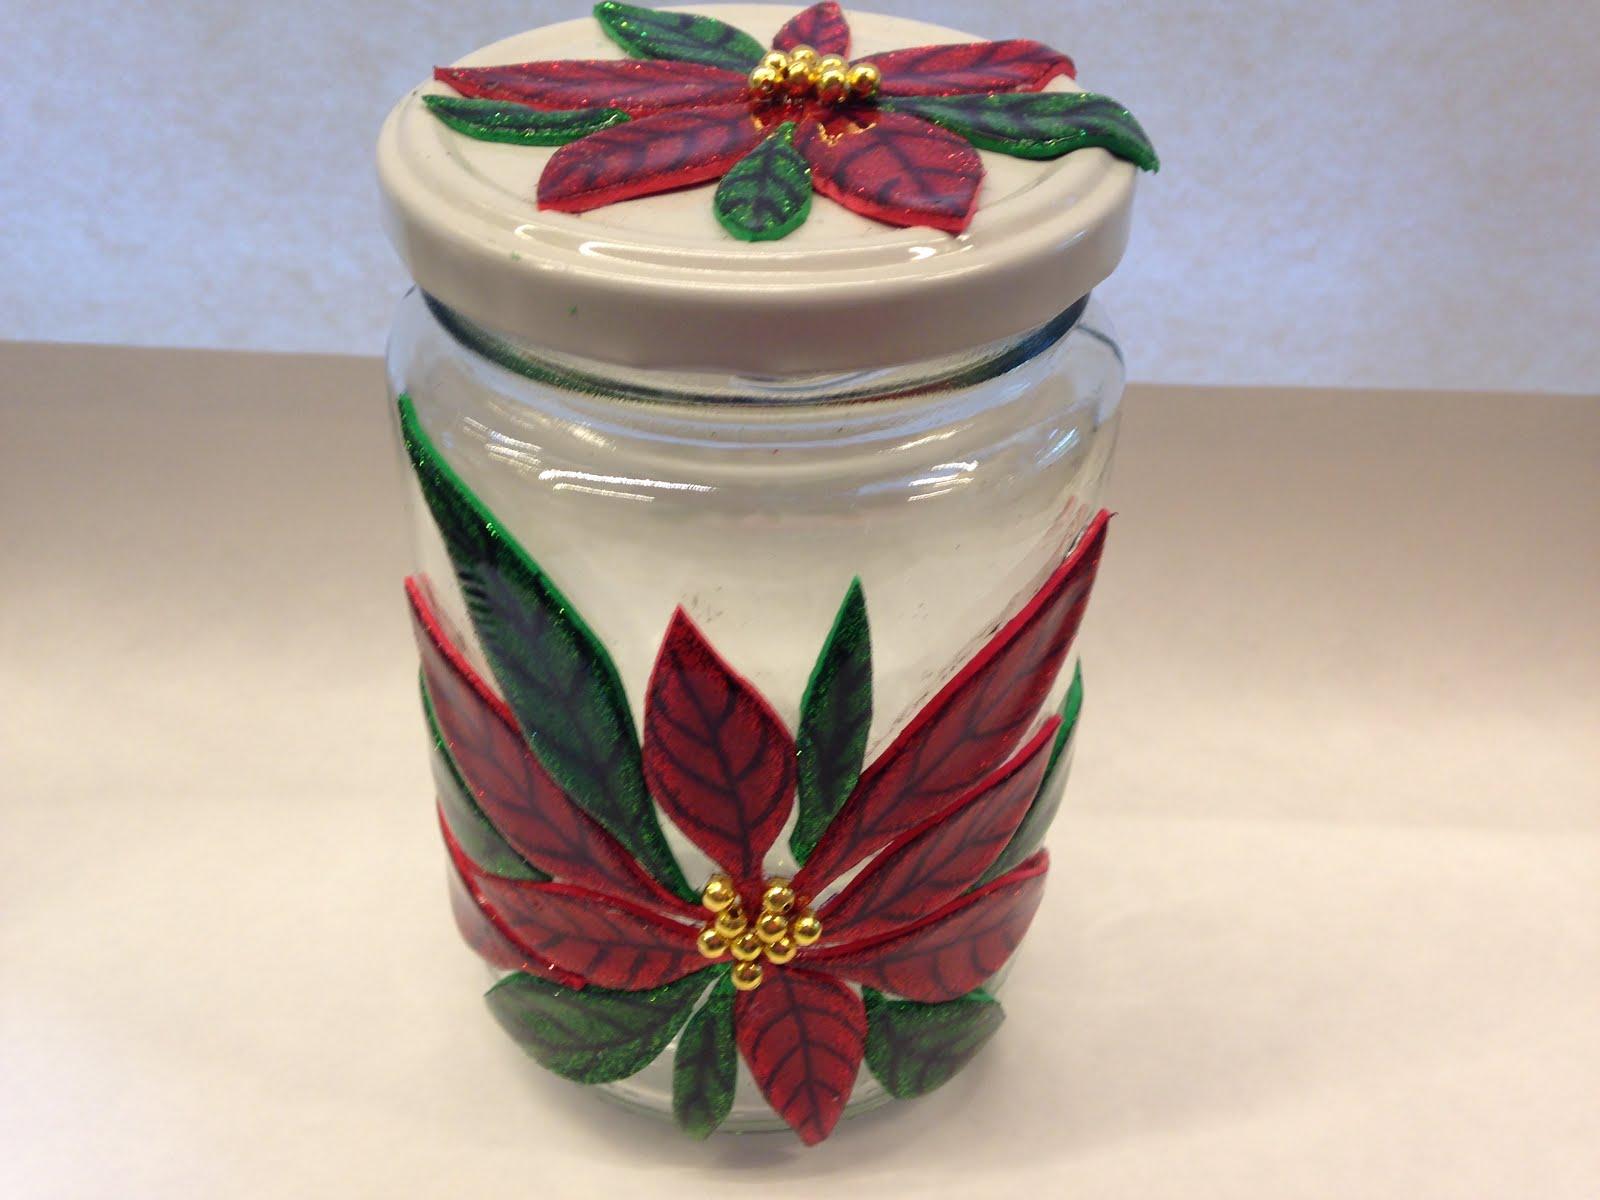 Los frascos como siempre los que tengas for Frascos decorados para navidad